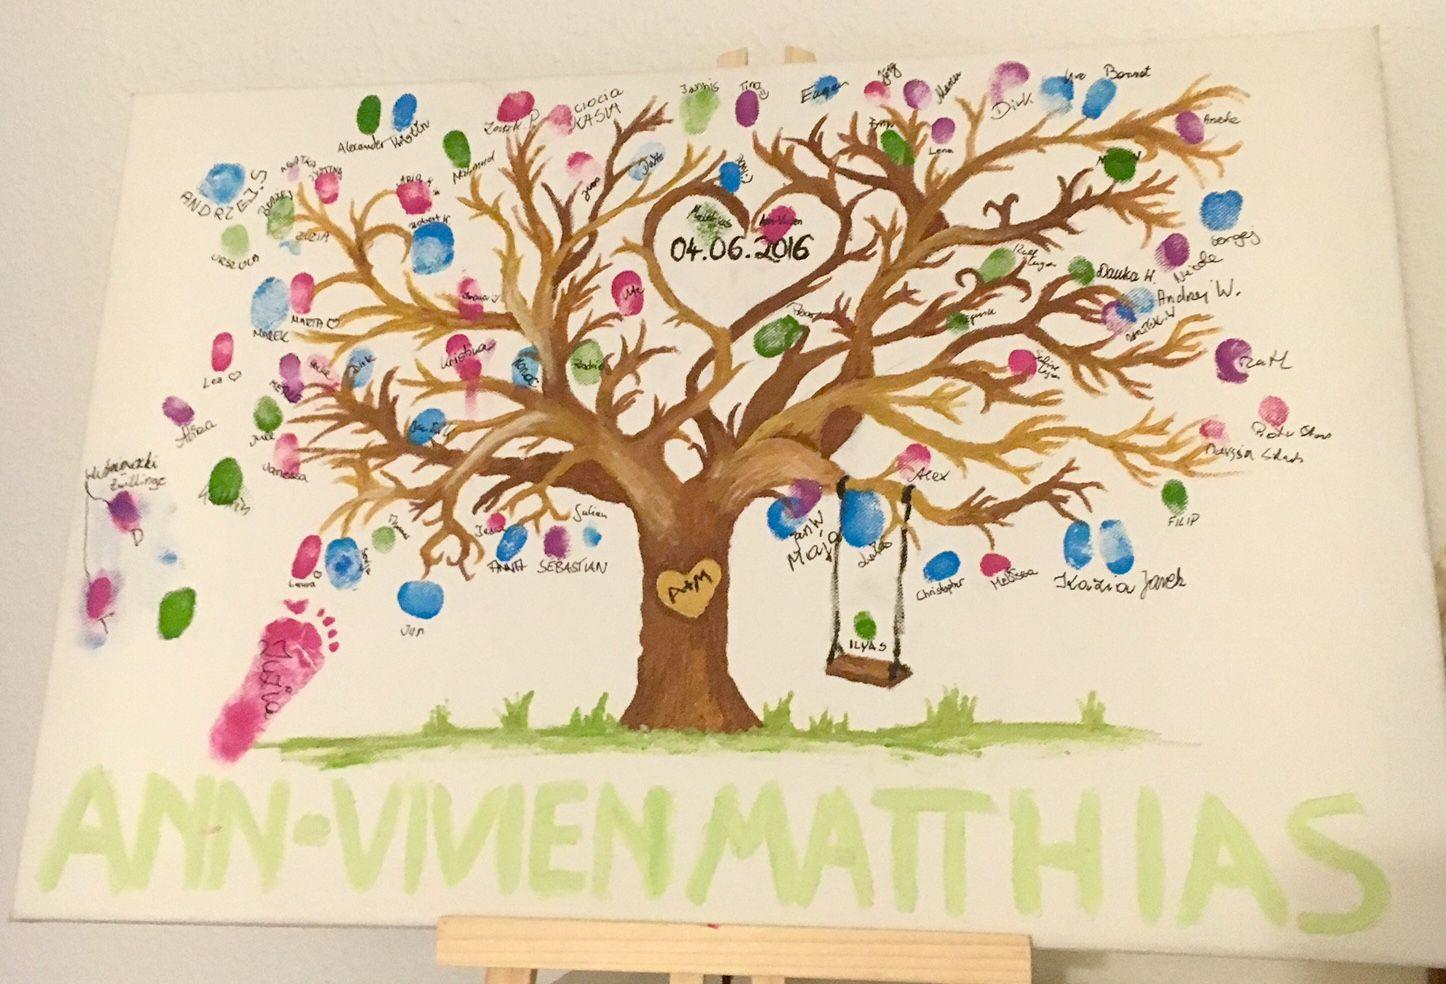 Weddingtree wedding tree hochzeitsbaum hochzeit heiraten leinwand diy baum anleitung - Leinwand zum malen ...